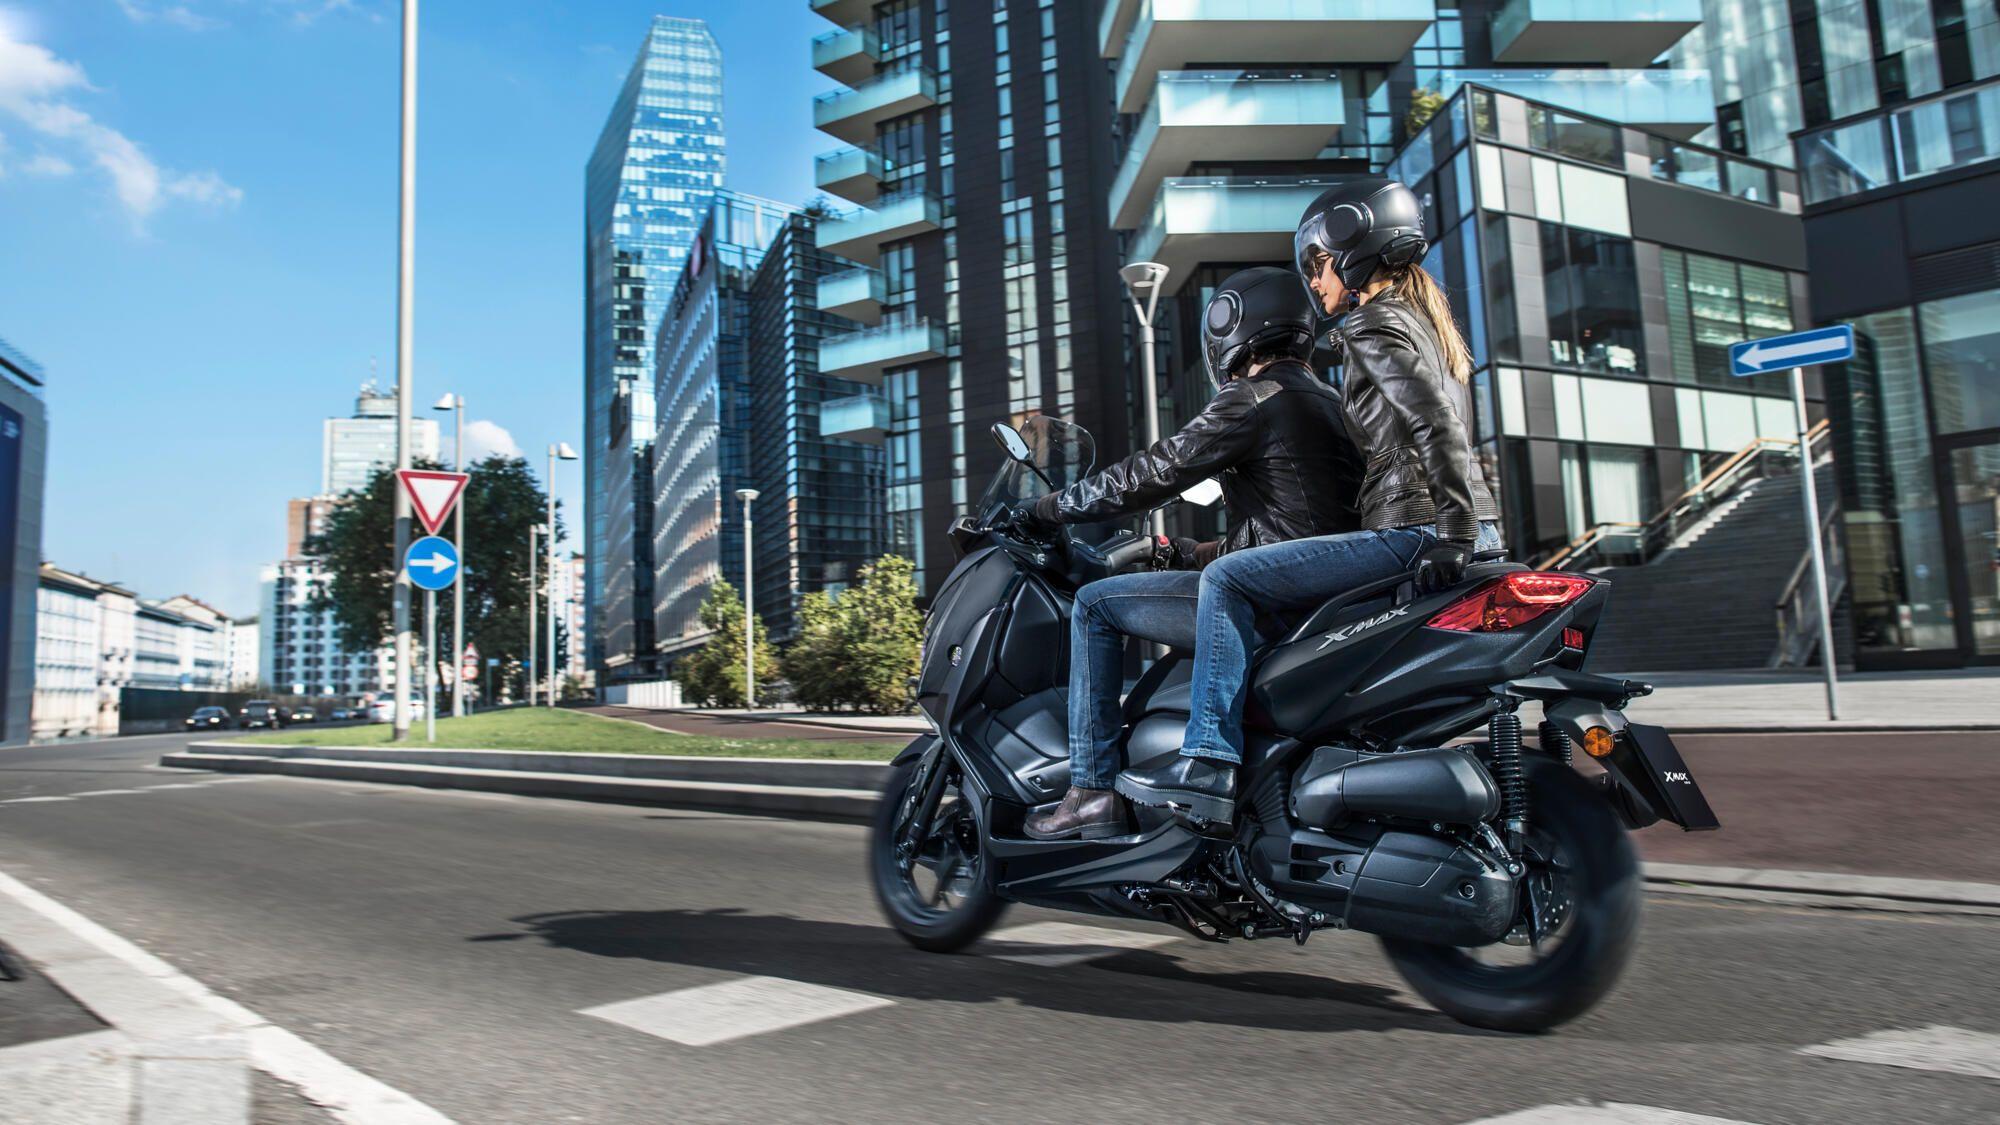 Experiencia MAX, versatilidad 125 cc